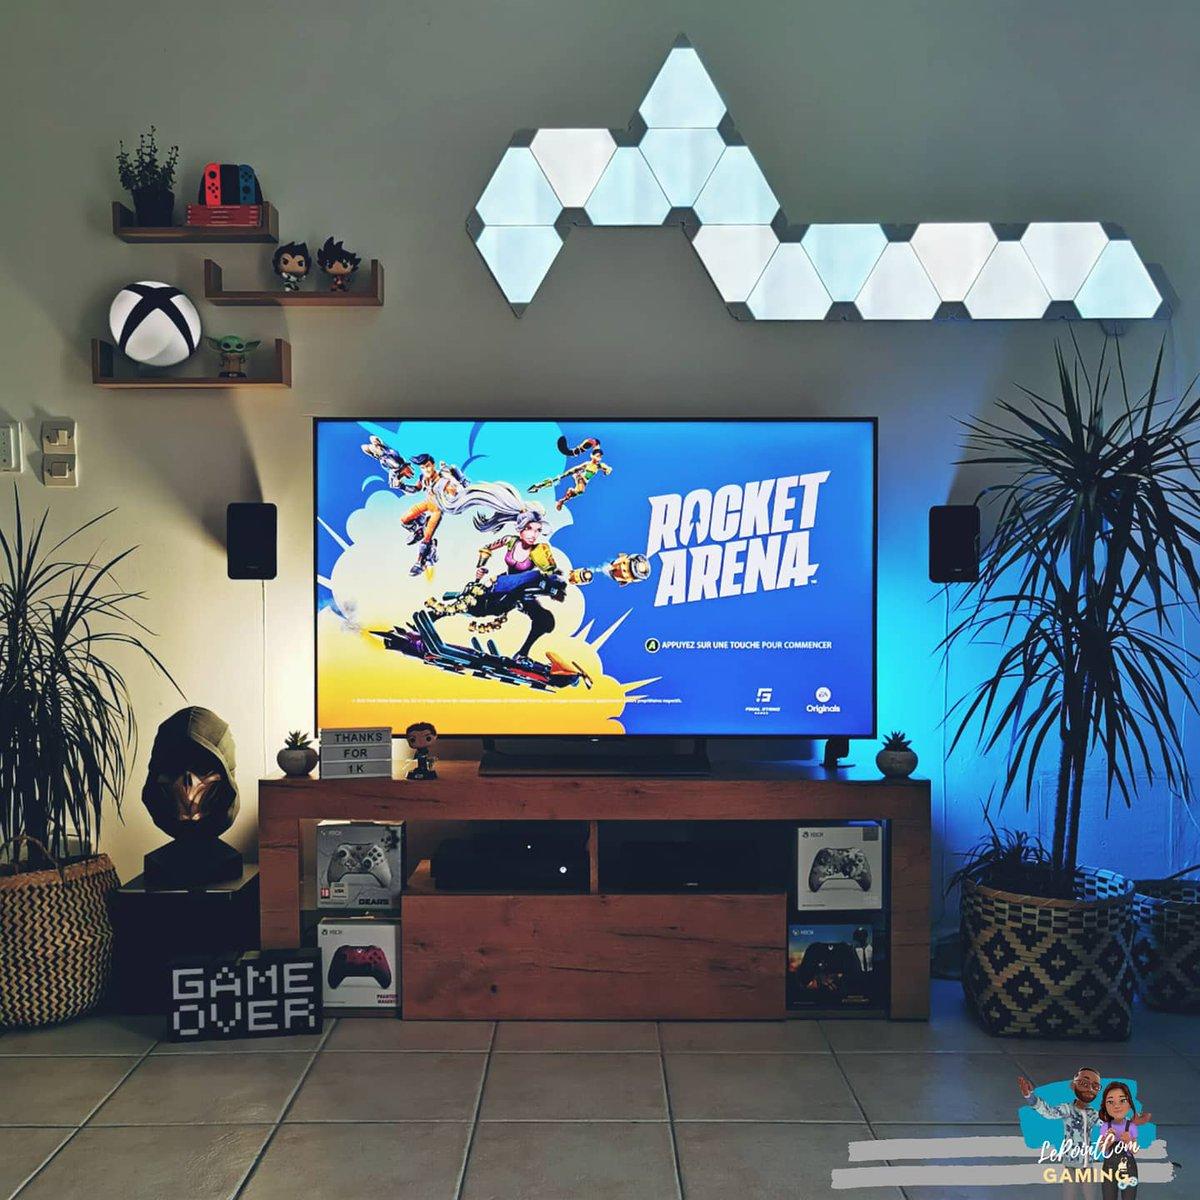 https://www.instagram.com/lepointcom/ #rocketarena #xboxshare #setup pic.twitter.com/fNikcl4pVg